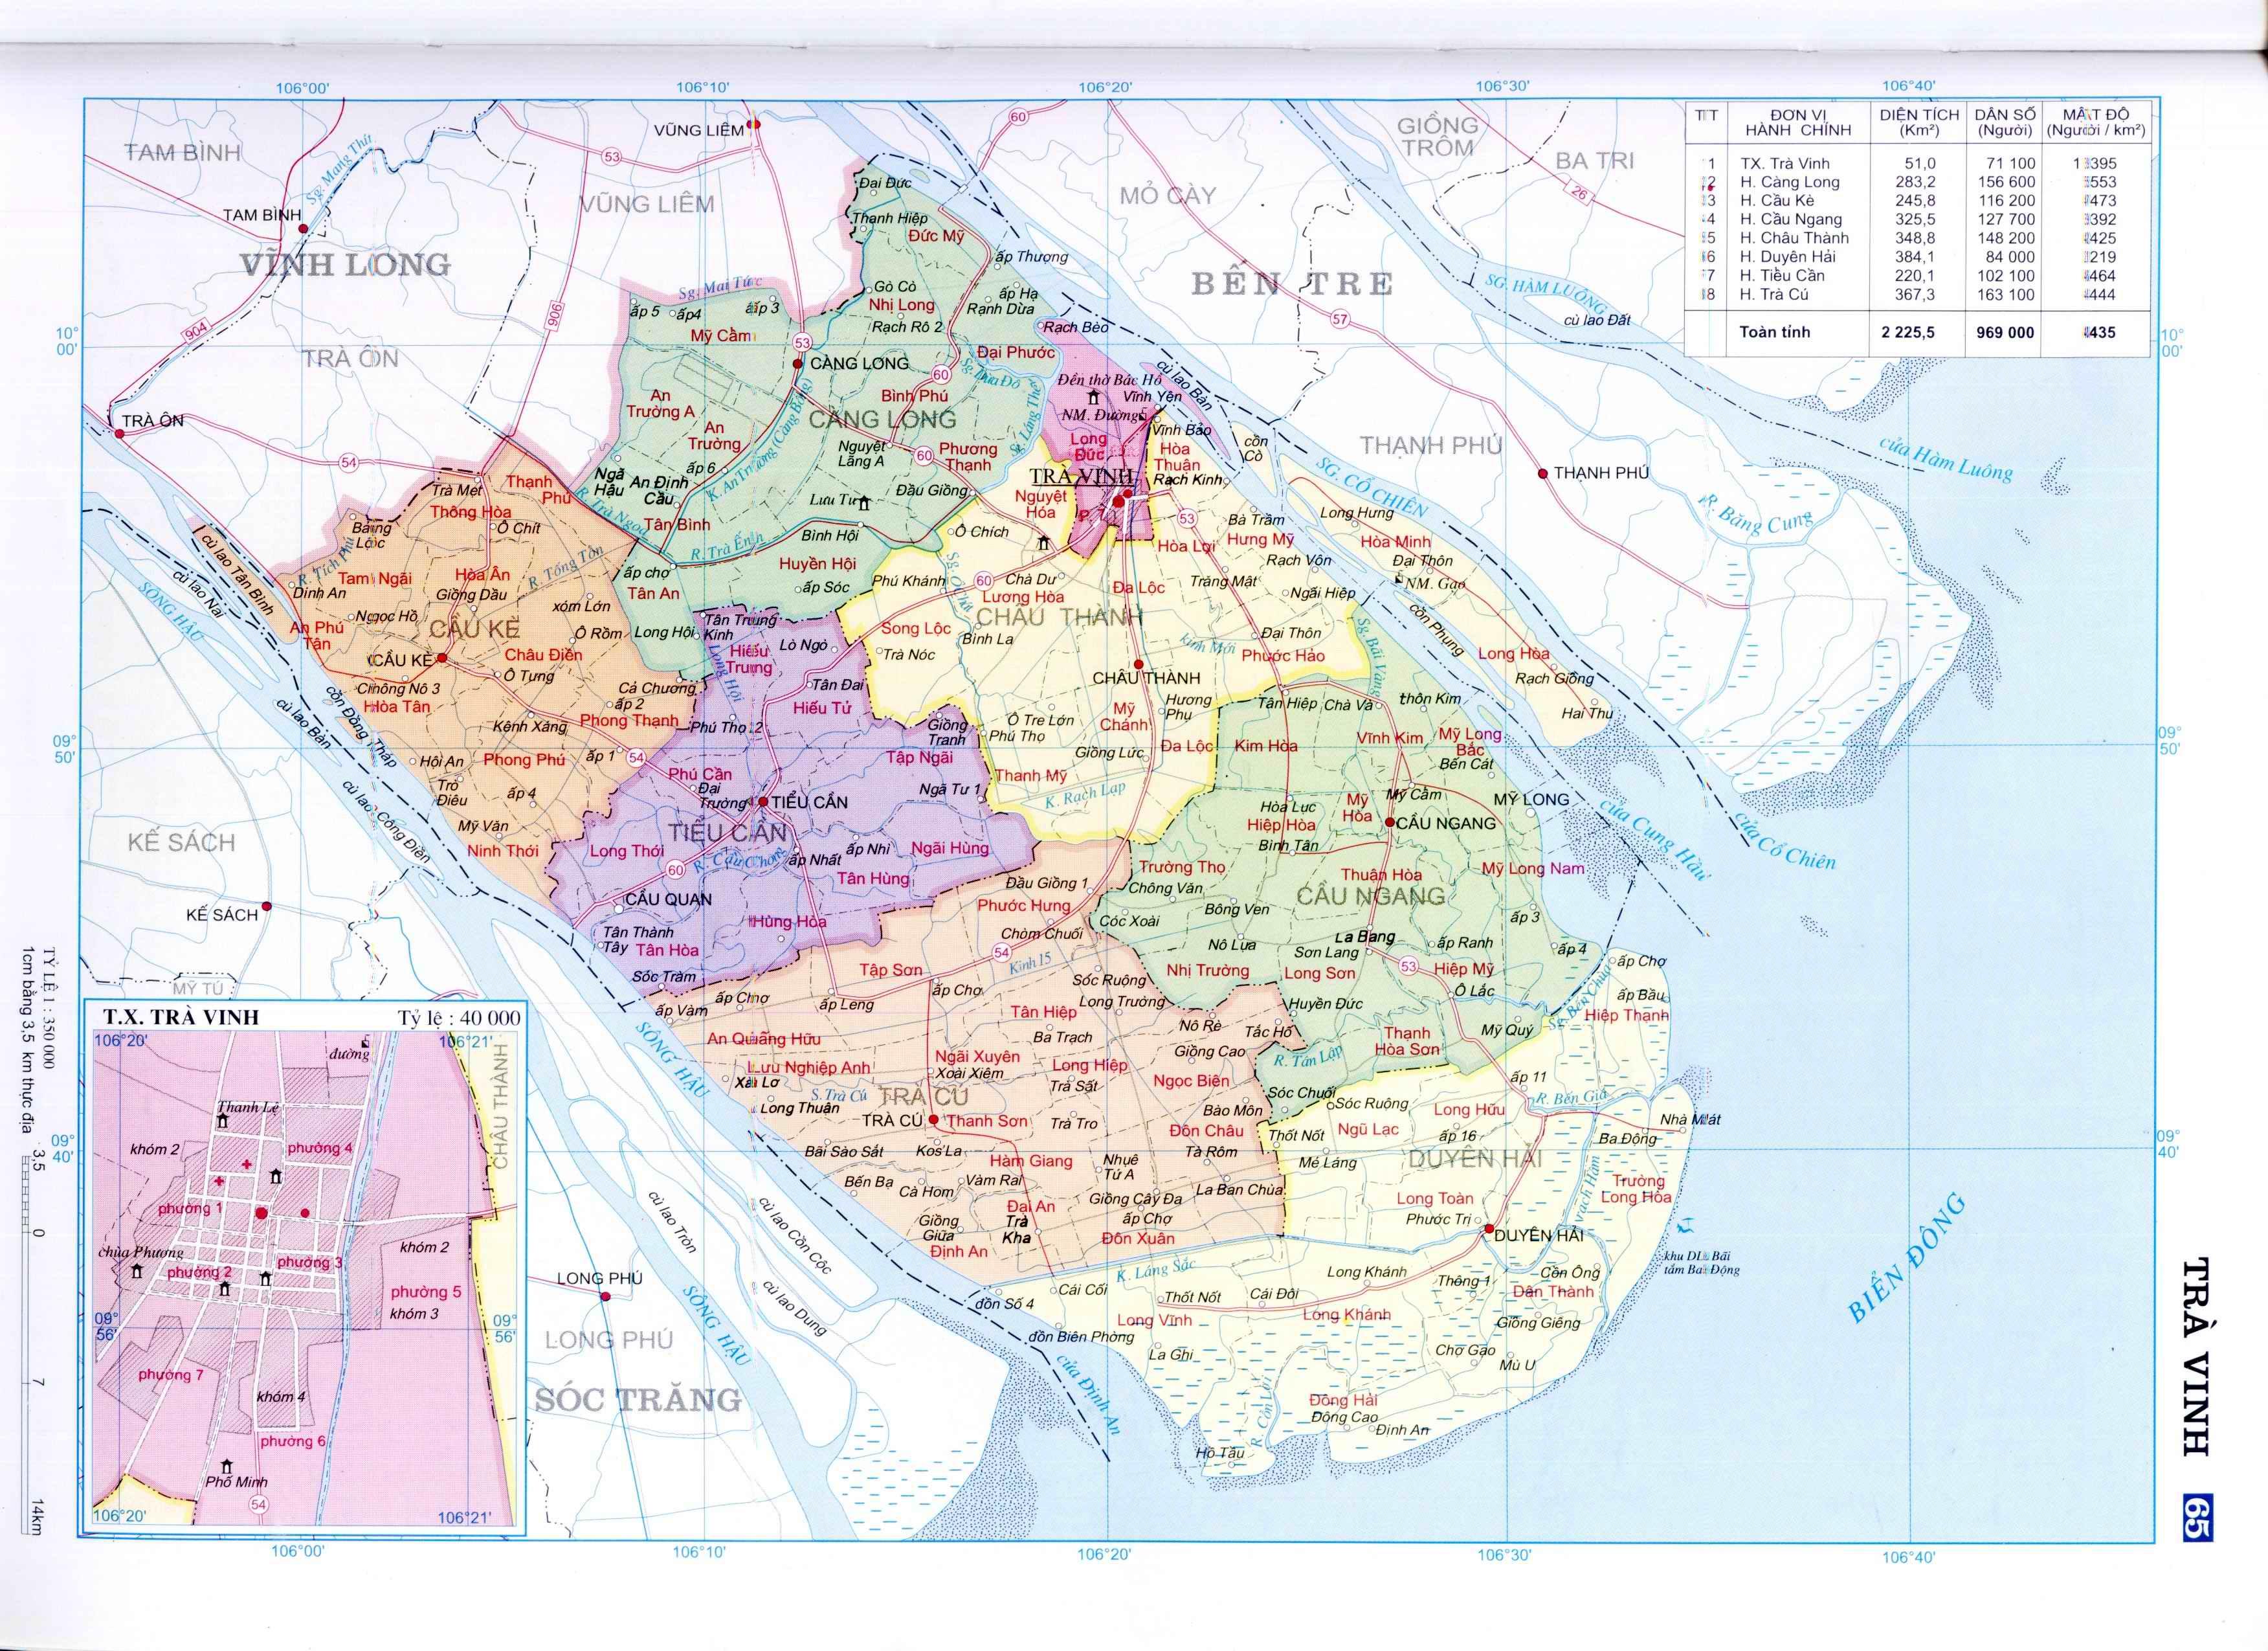 Bản đồ hành chính tỉnh Trà Vinh miền Tây Nam Bộ